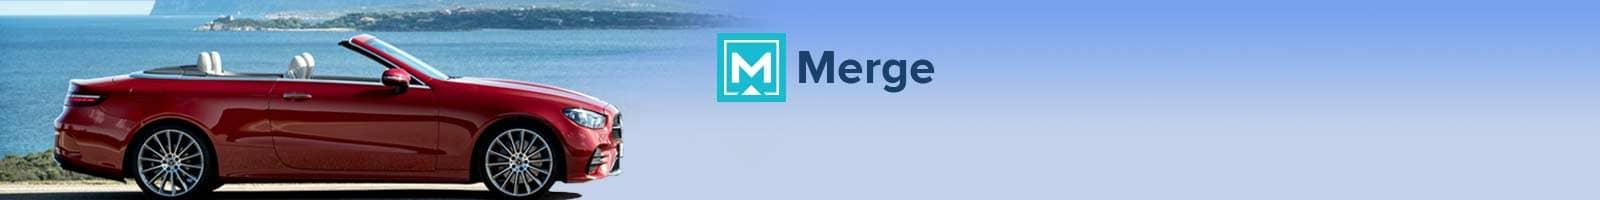 MergeBanner_desktop